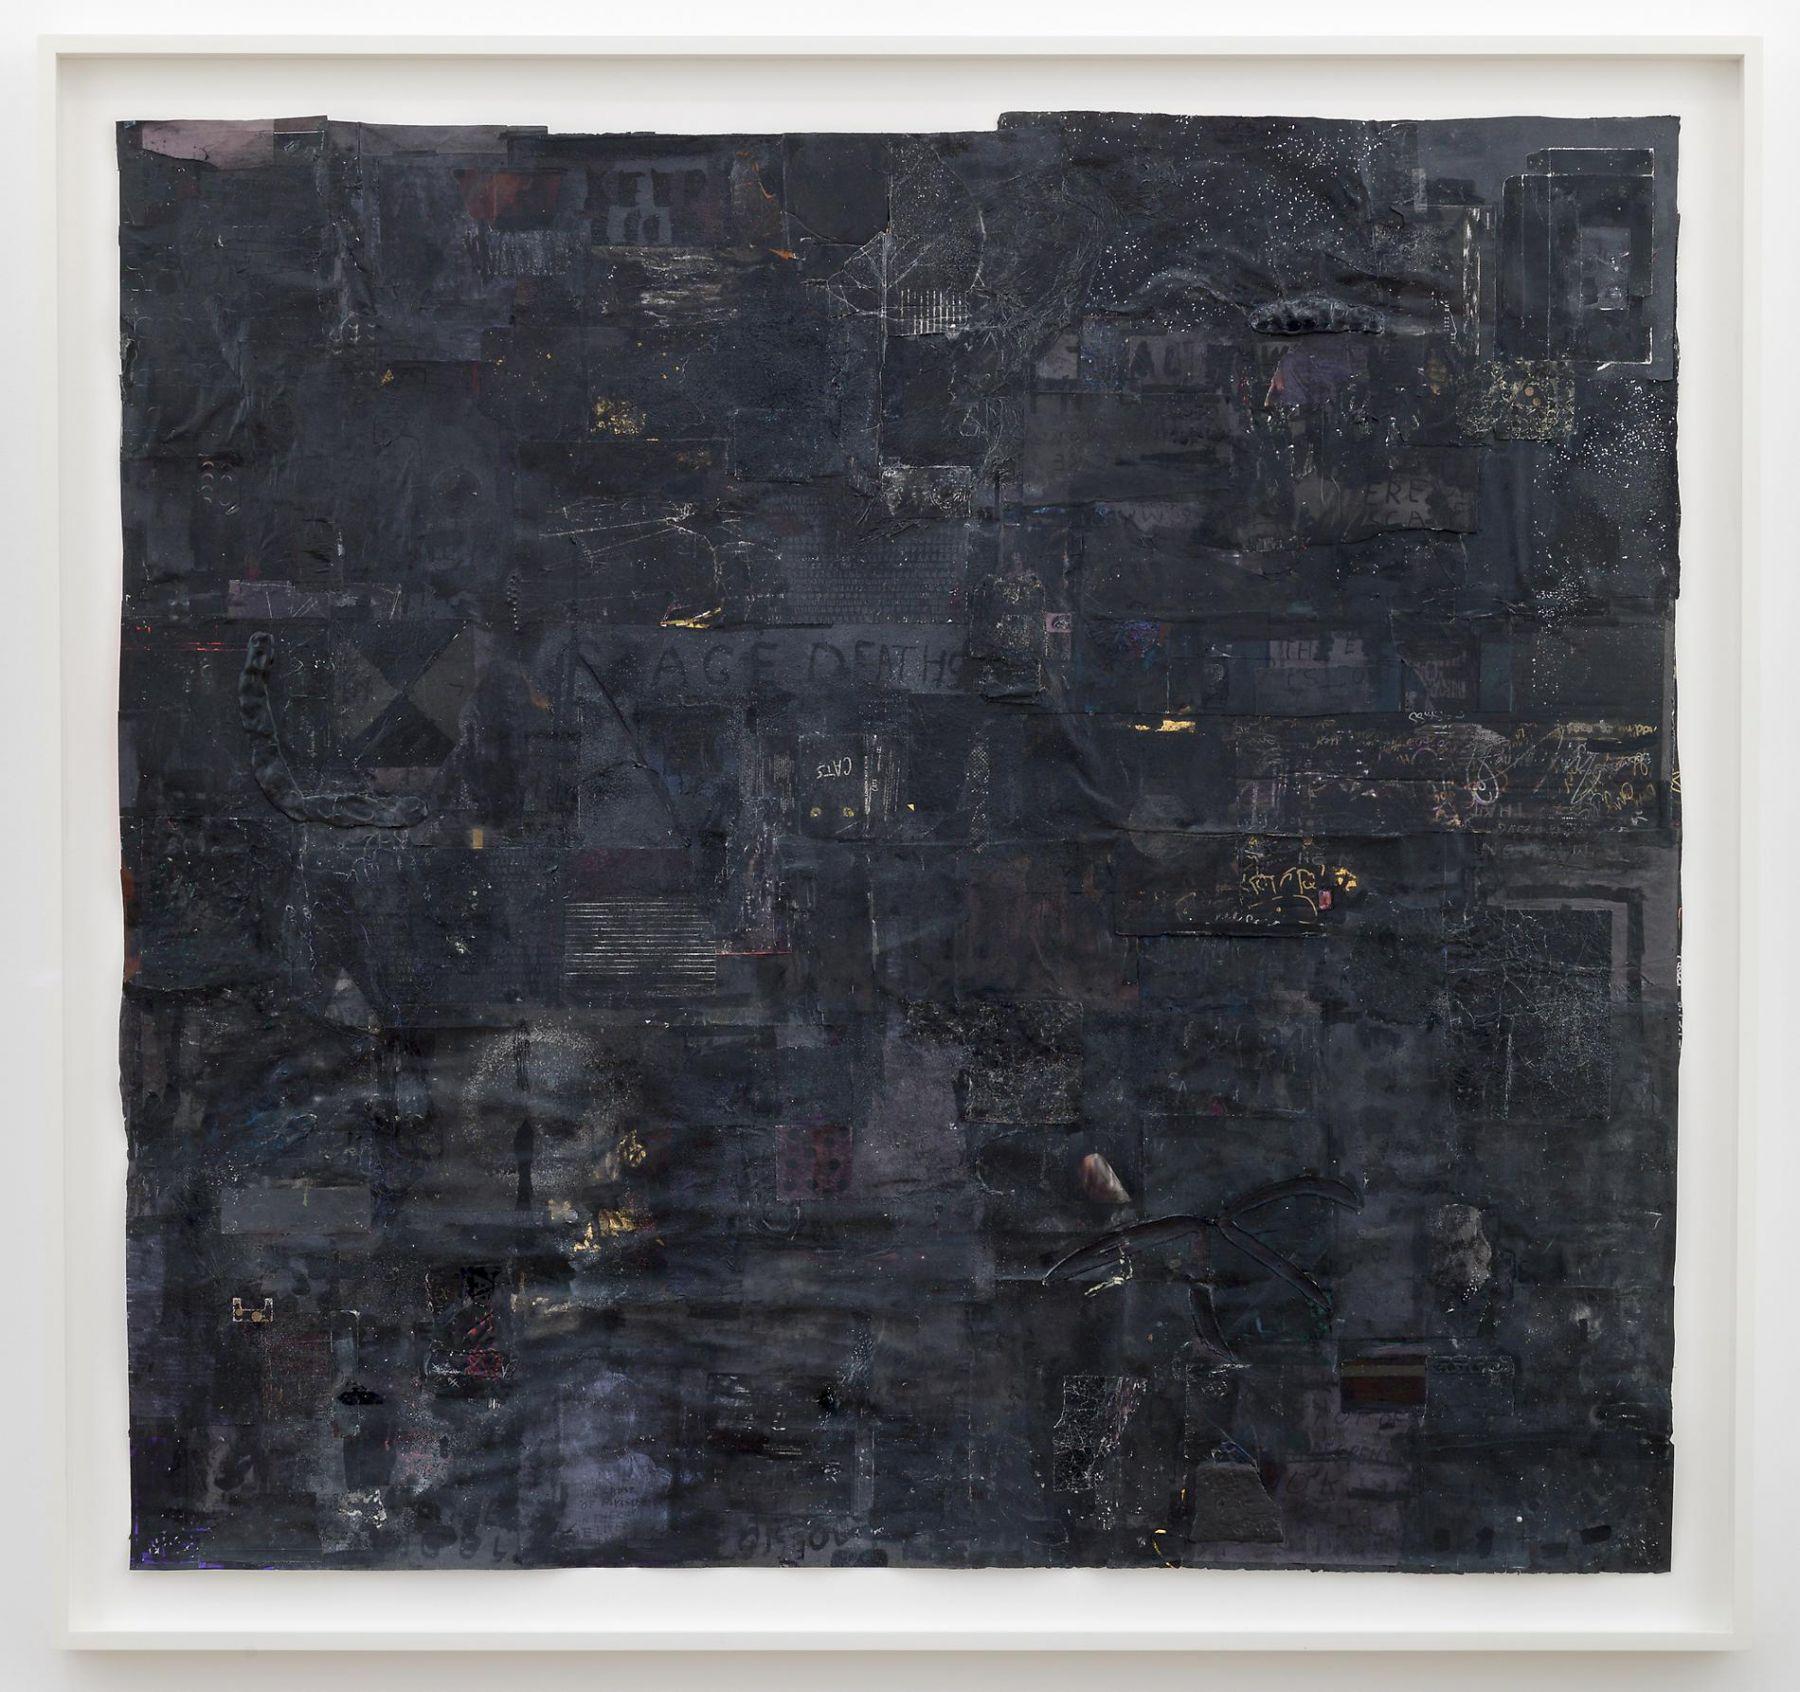 SIMON EVANS Untitled (Black Picture)